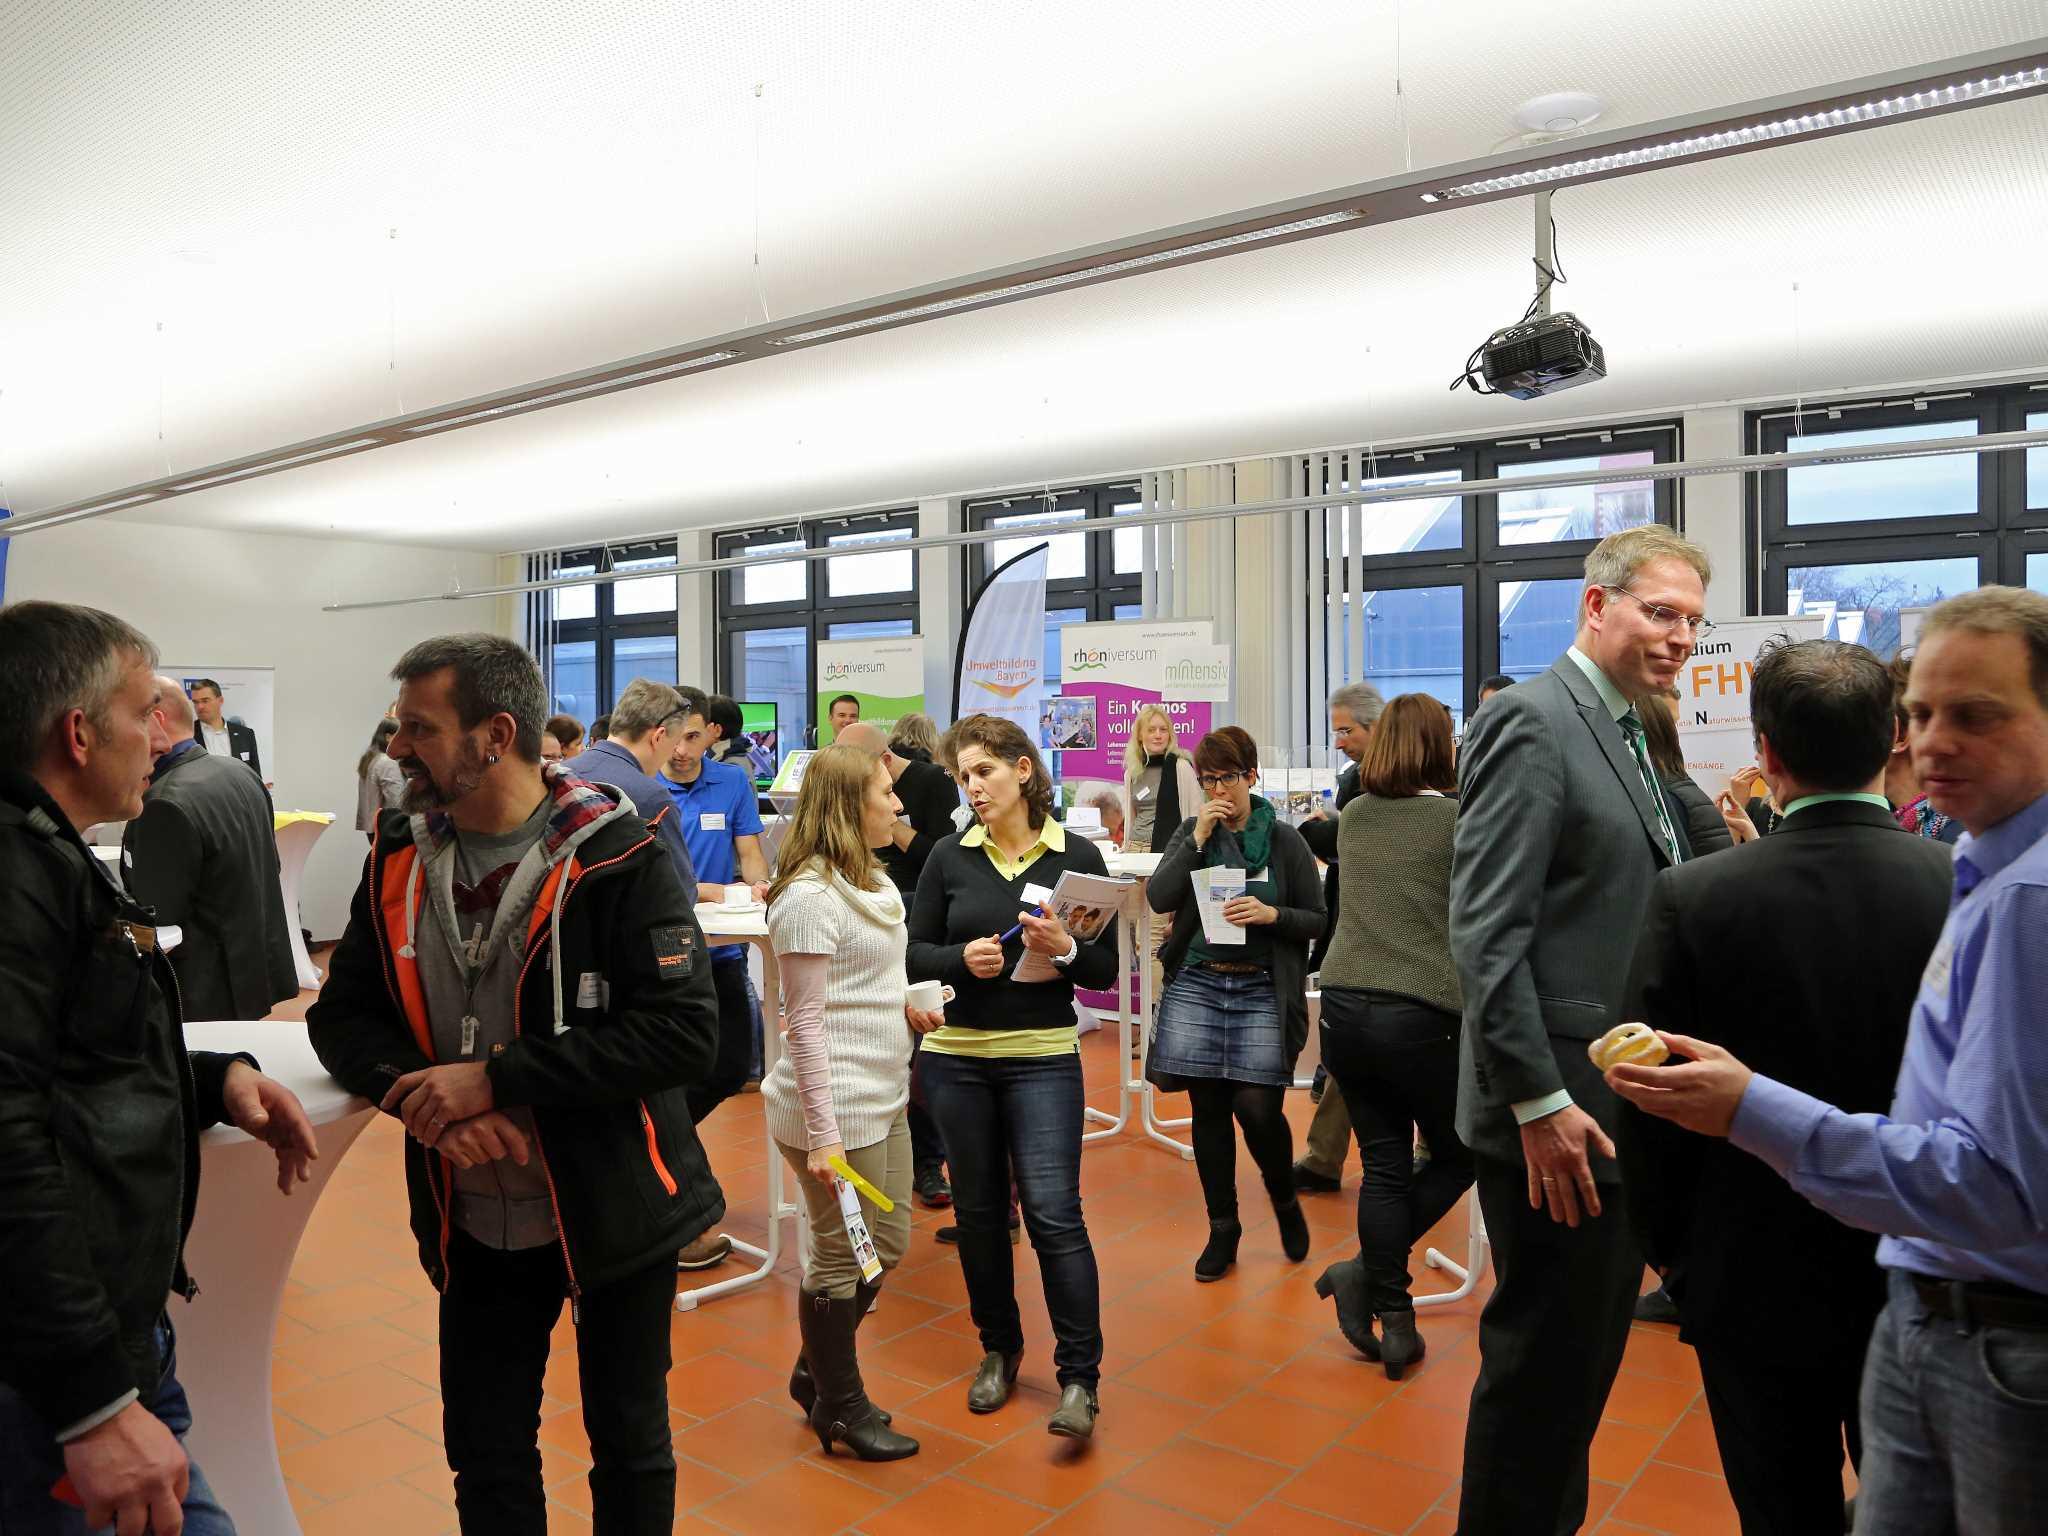 Reger Austausch in der Fachausstellung der mainfränkischen MINT-Anbieter. Foto: Rudi Merkl, Region Mainfranken GmbH